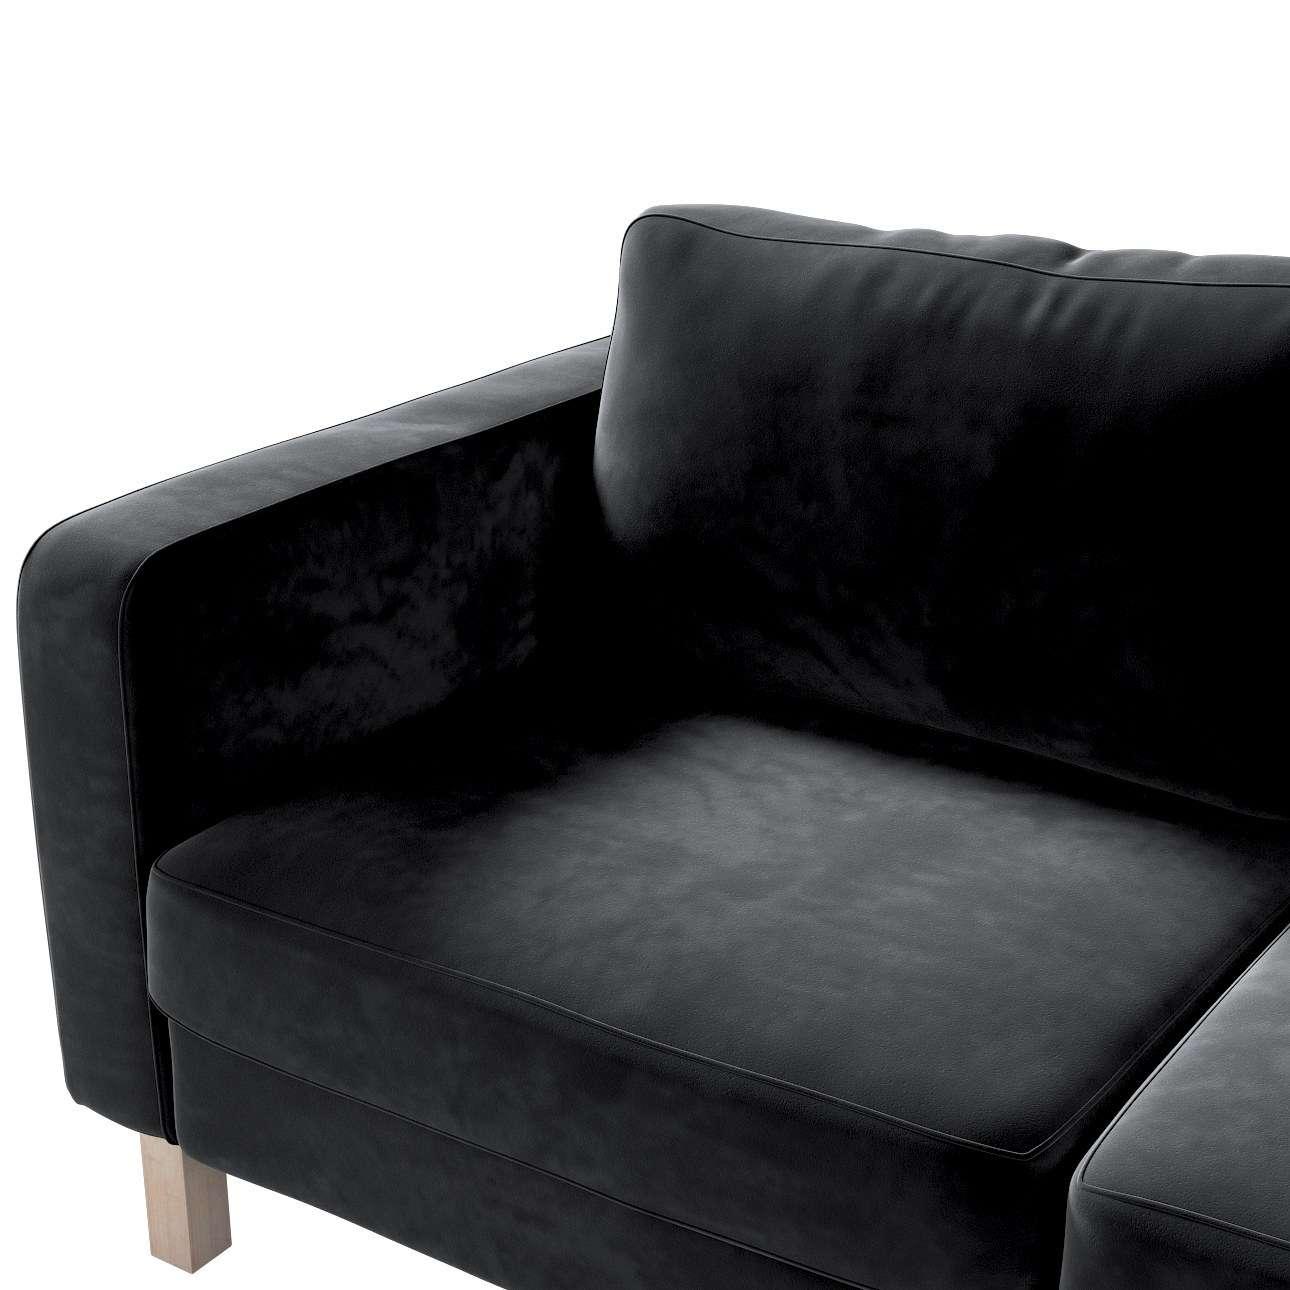 Pokrowiec na sofę Karlstad 2-osobową nierozkładaną krótki w kolekcji Velvet, tkanina: 704-17